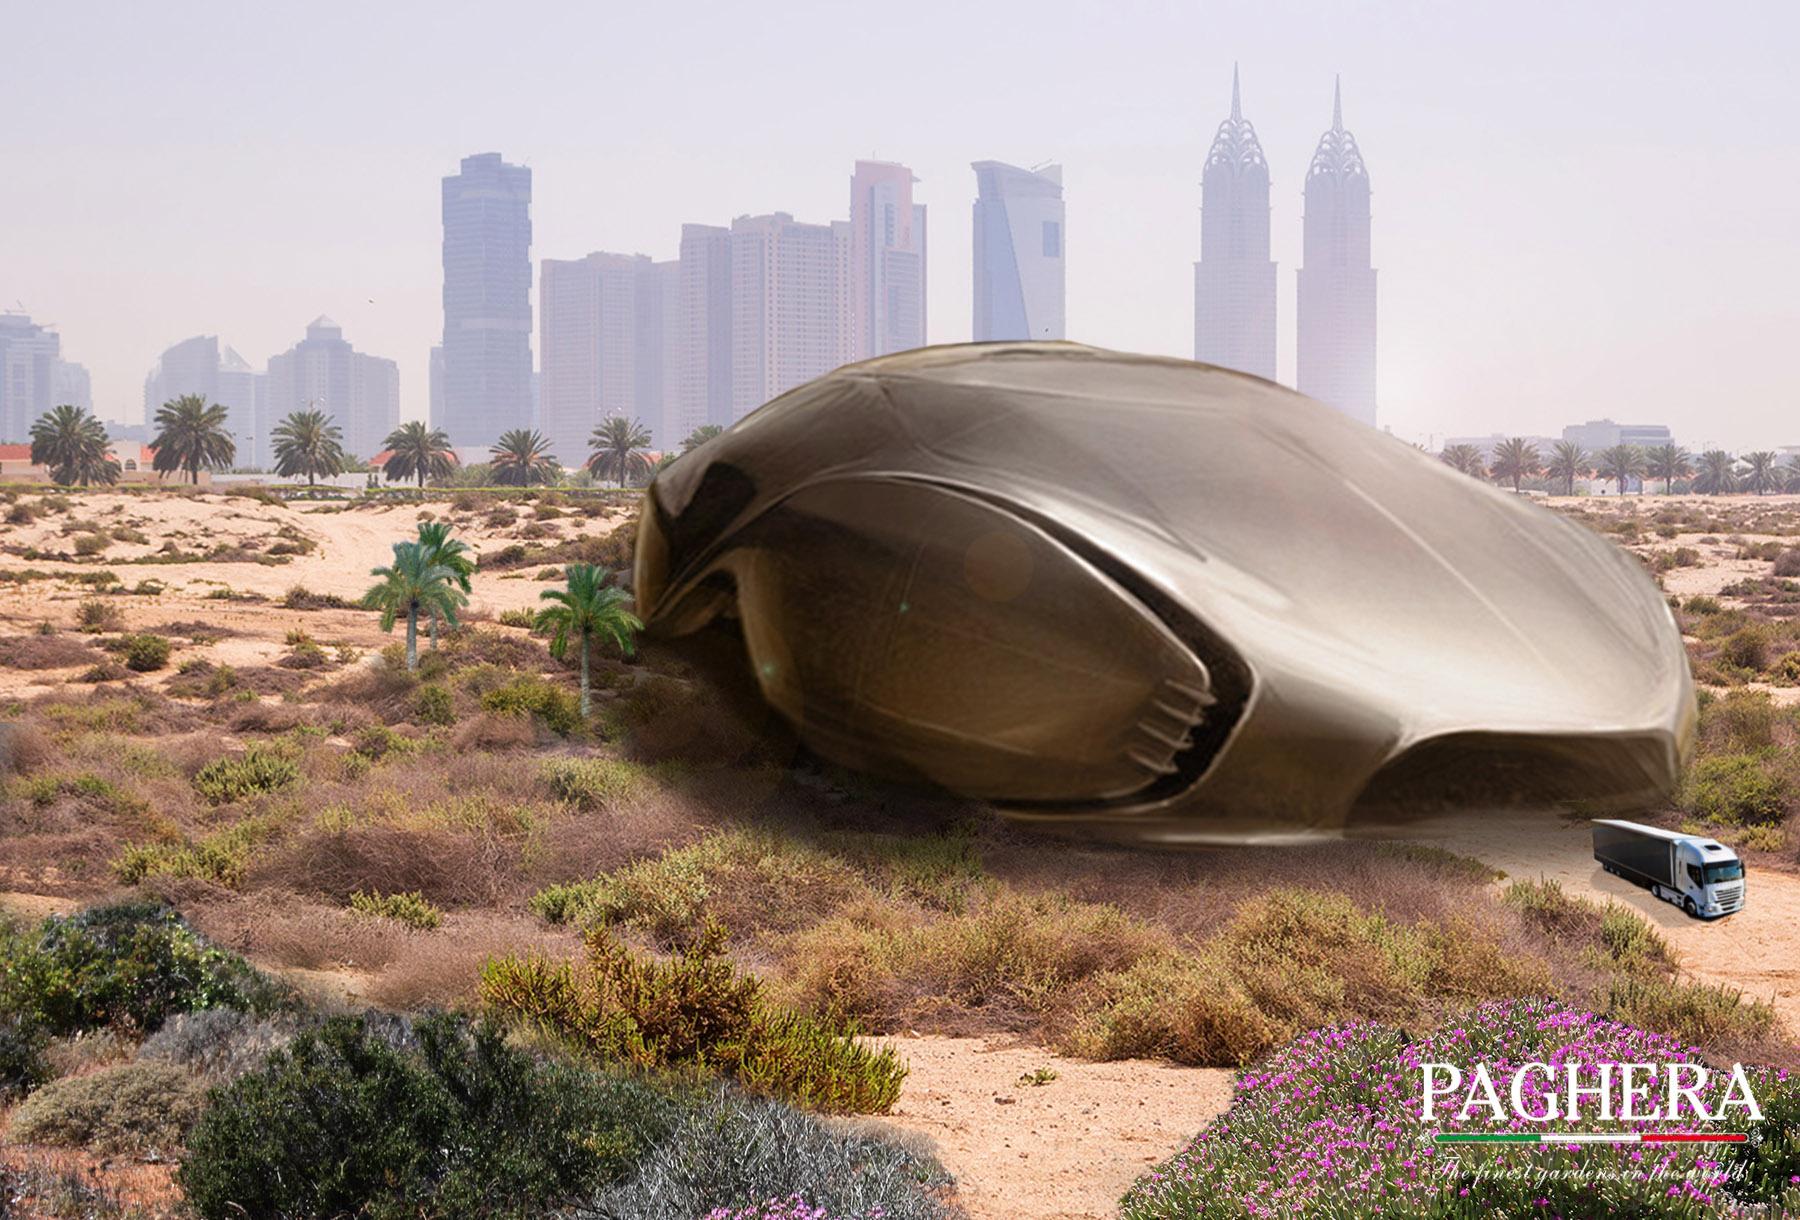 Le auto del futuro ad Abu Dhabi - News & Events